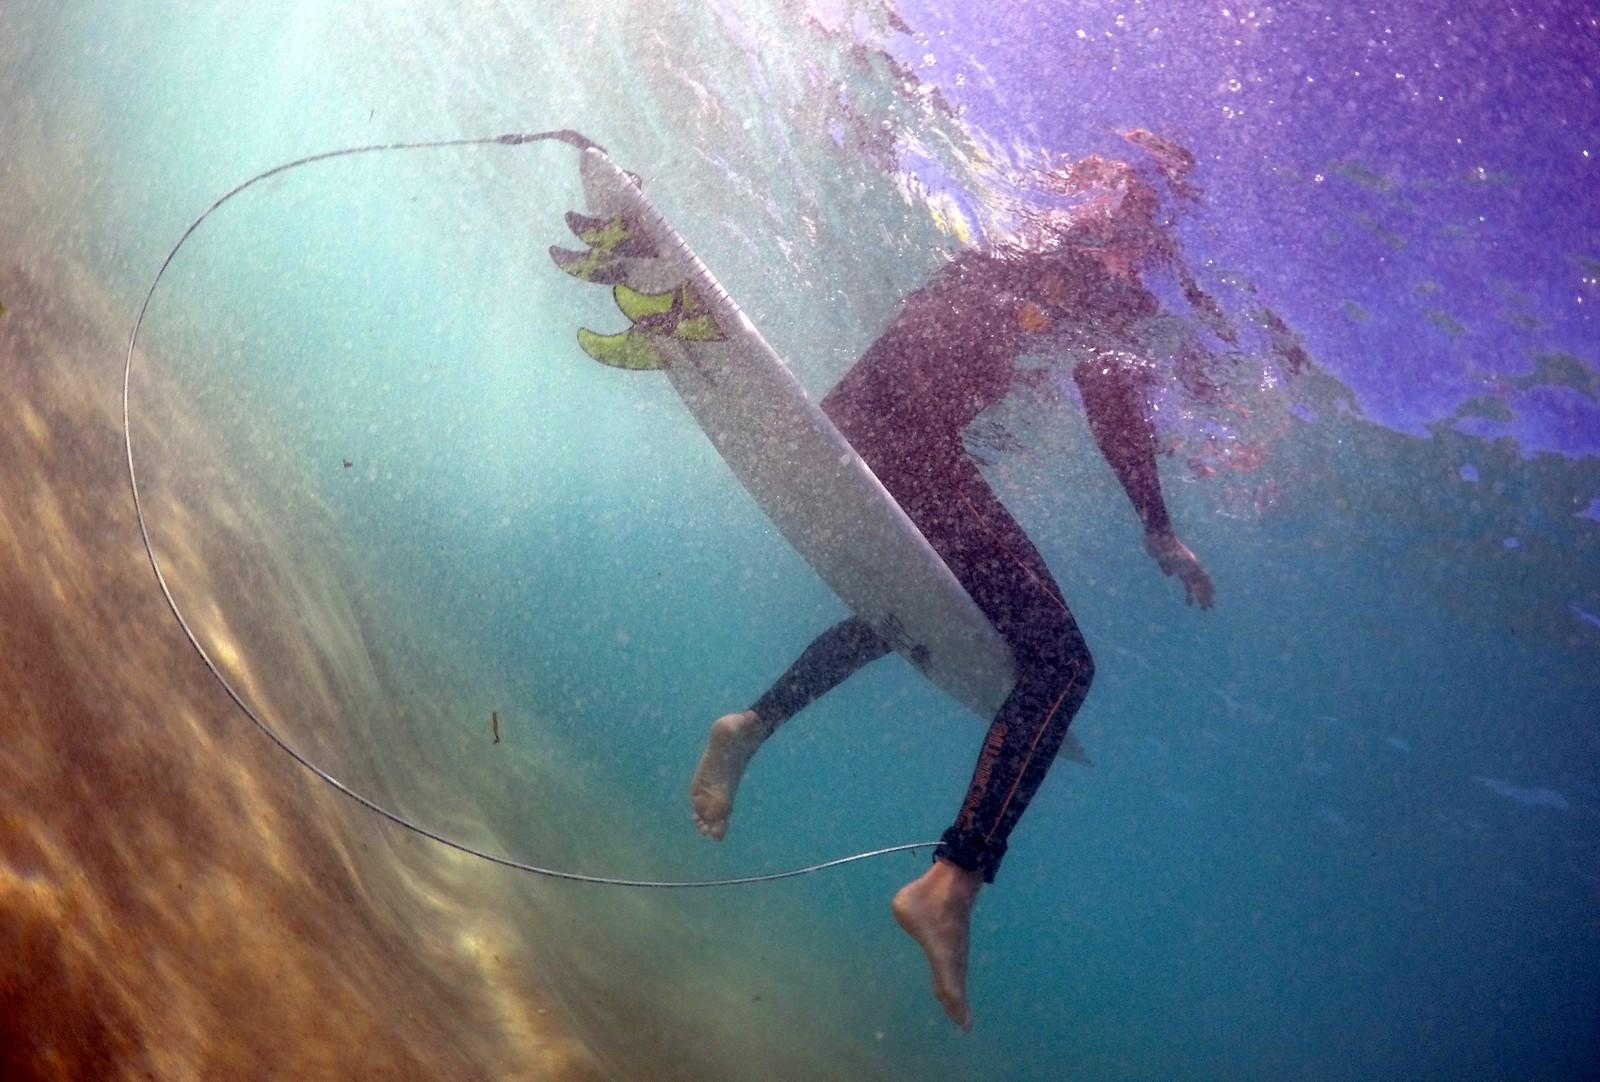 """Surfer Arlen Macpherson sitter i vannet på Bondi beach og viser fram en oppfinnelse som skal holde haier på avstand.  Flere haiangrep har skremt vekk mange surfere og Macphersons """"dings"""" er ment å skremme vekk haier ved hjelp av elektroniske signaler som forstyrrer haiens sanser."""